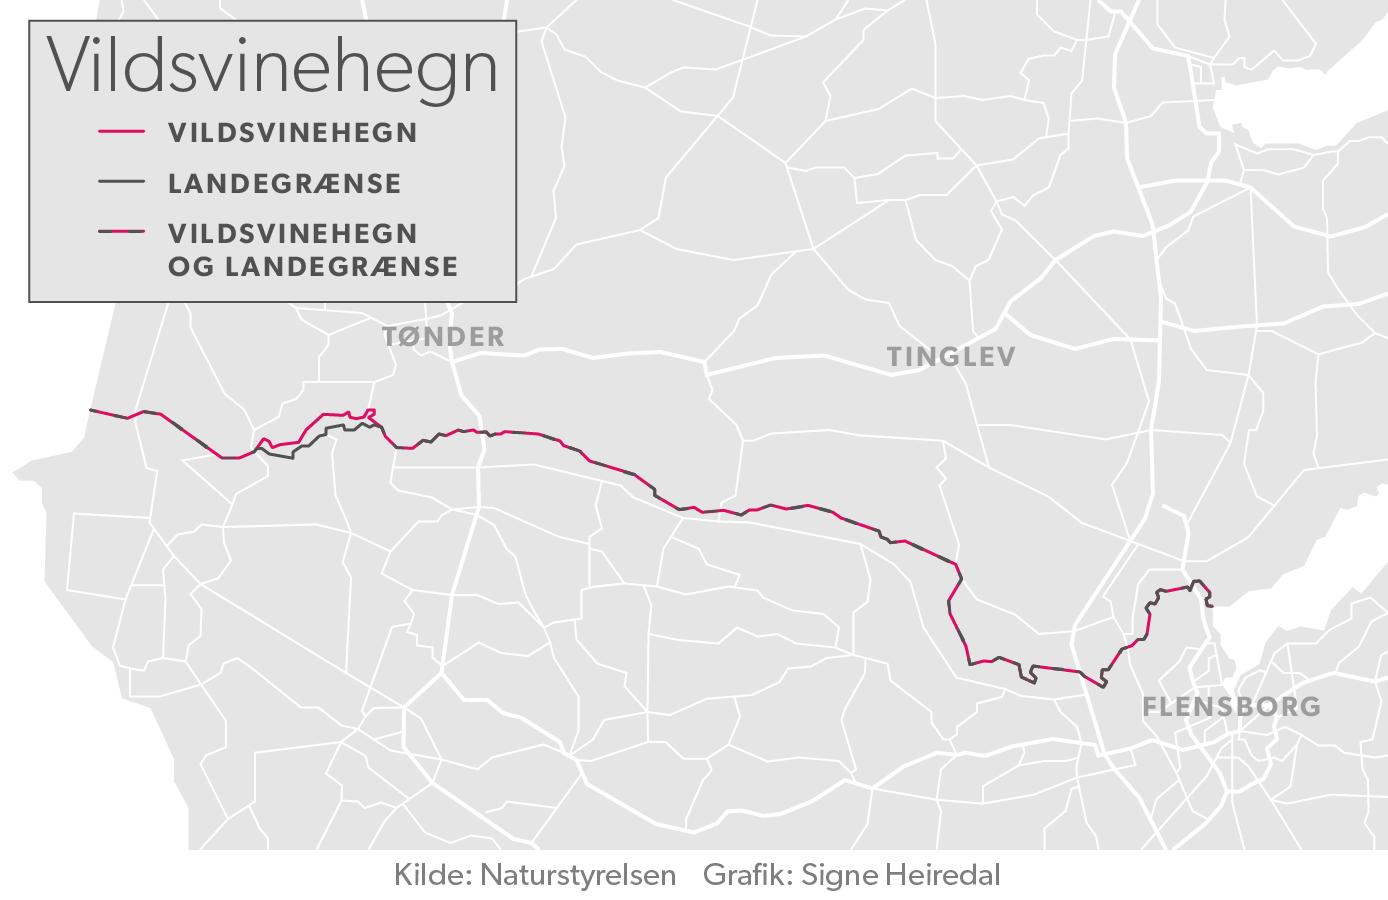 Vildsvinehegnet skal stort set følge den dansk-tyske grænse. (Foto: Grafik) Signe Heiredal © © (c) DR)